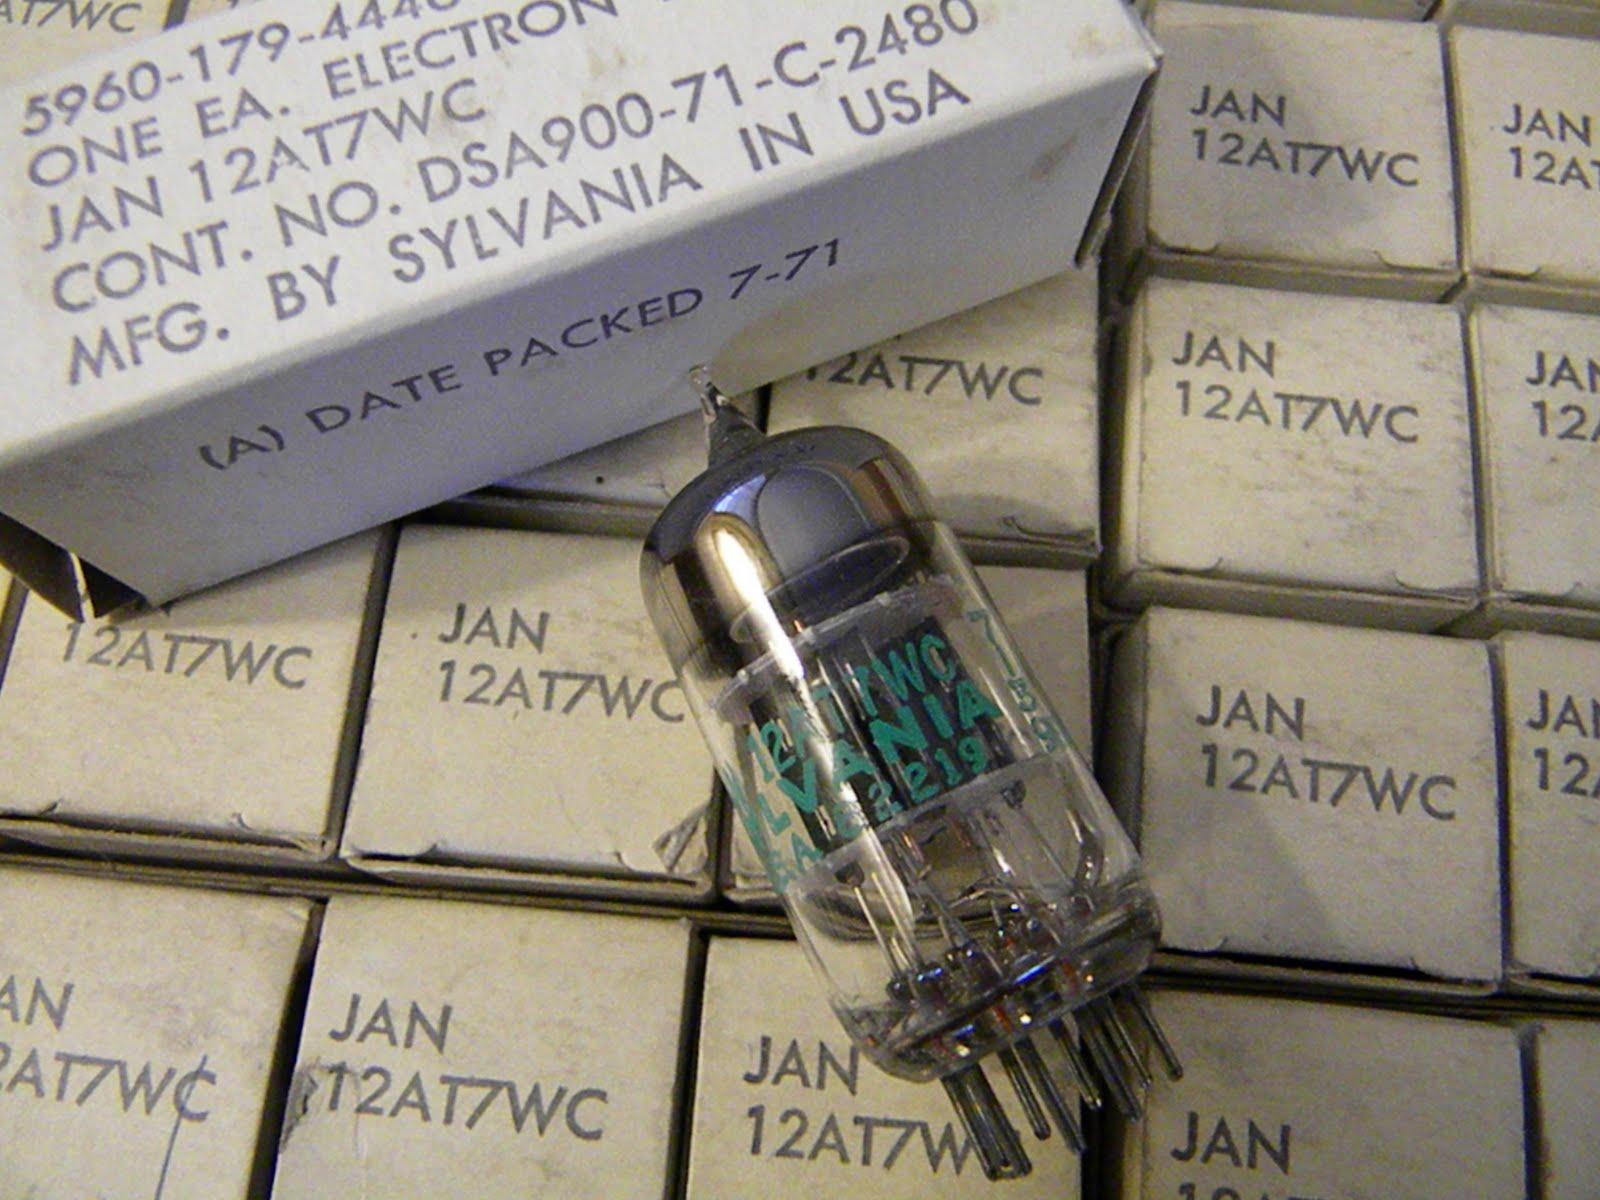 SYLVANIA JAN 12AT7WC 6201 12AT7WA